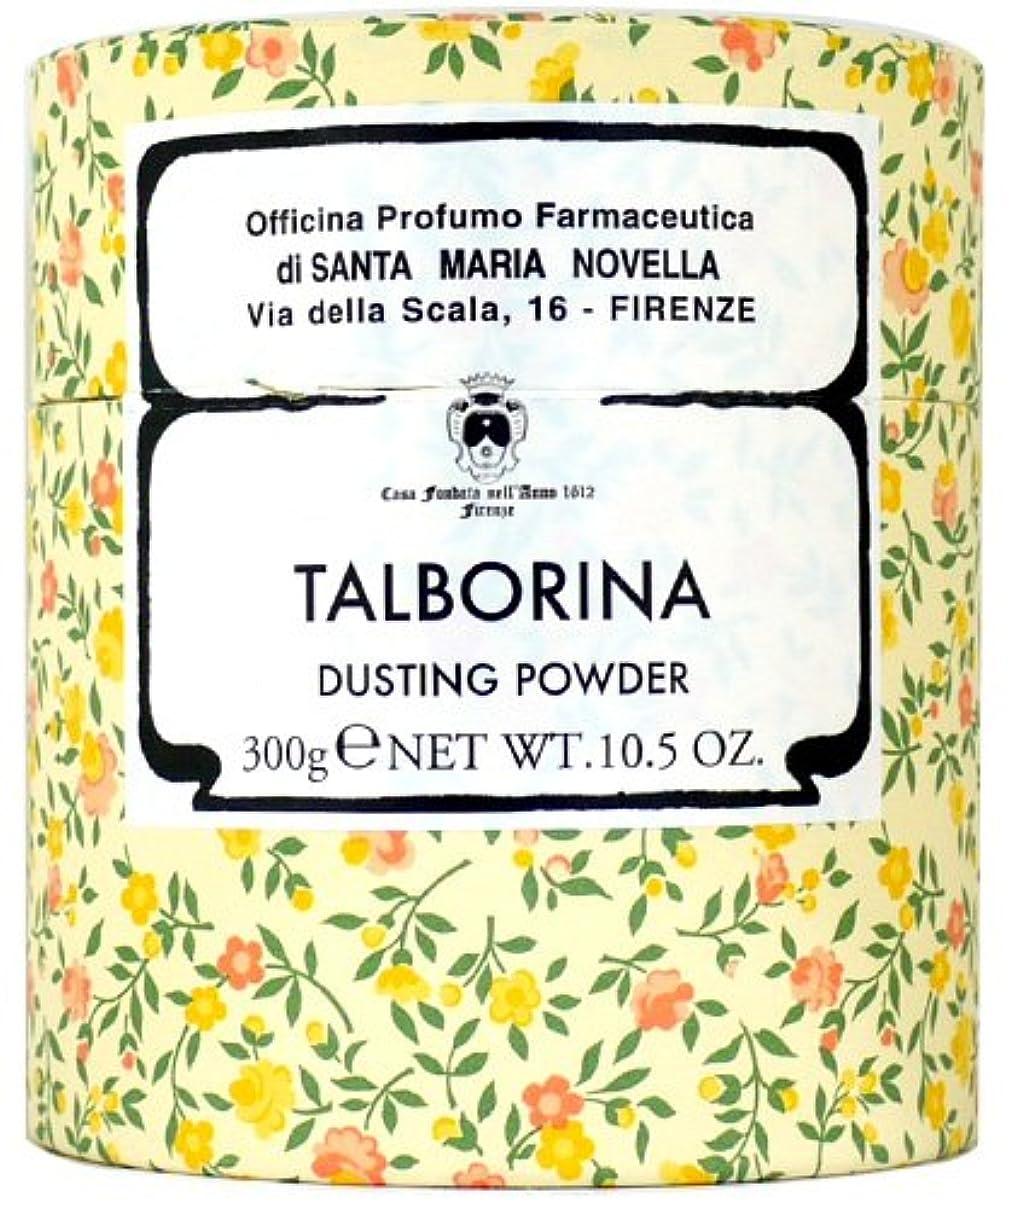 同等のジョージエリオットビジネスサンタマリアノヴェッラ タルボリーナ ローザ 300g [並行輸入品]